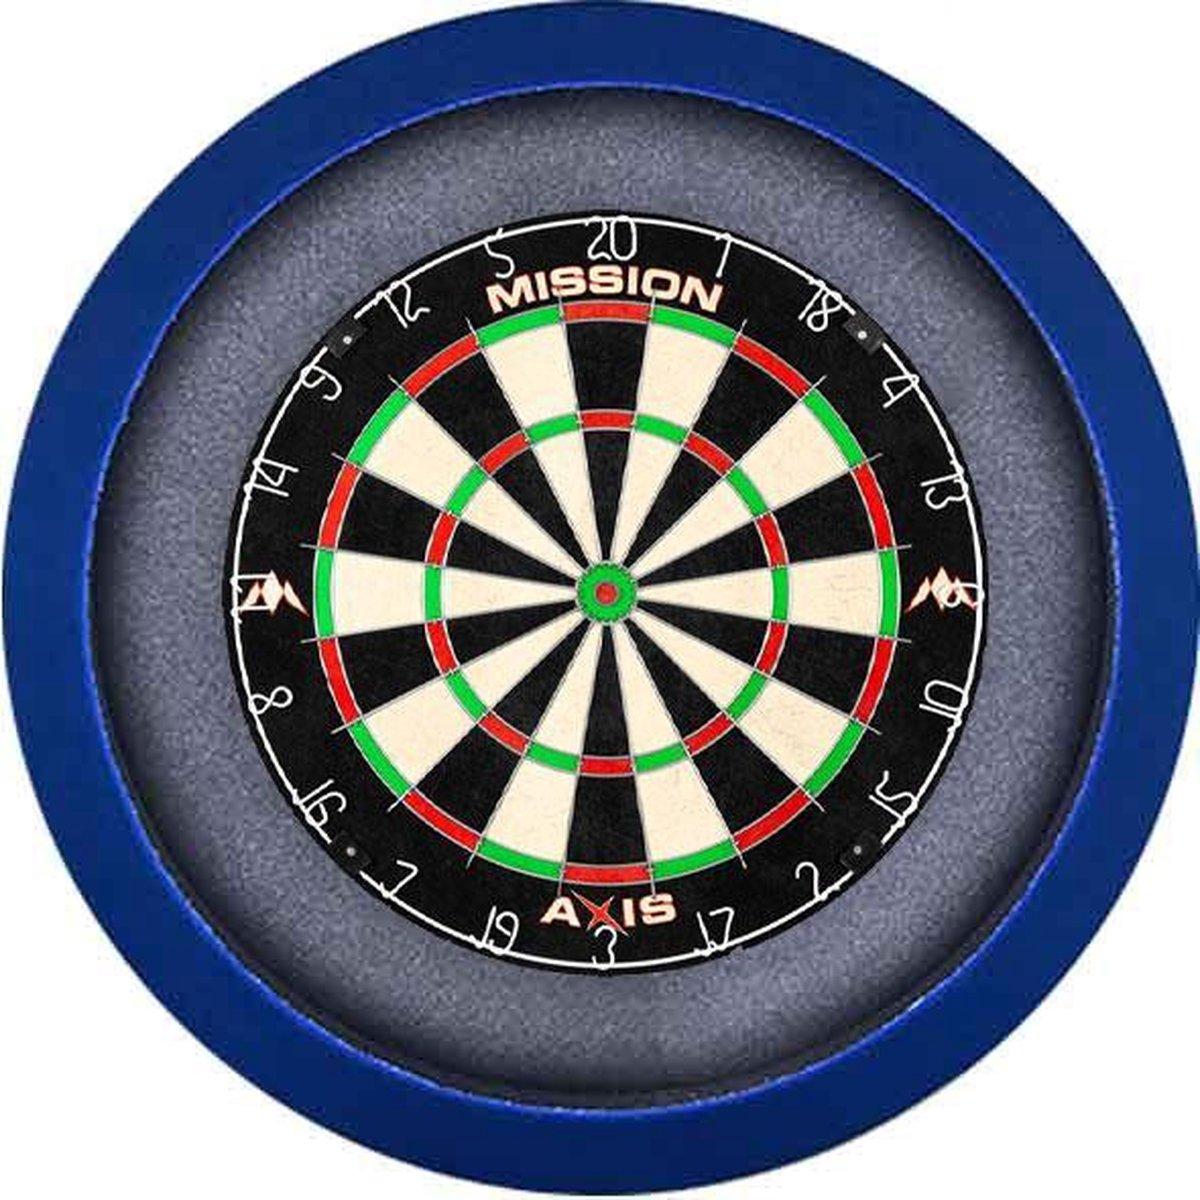 Dartbord Verlichting Voordeelpakket Pro + Mission Axis + Dartbordverlichting Basic XL(Blauw)